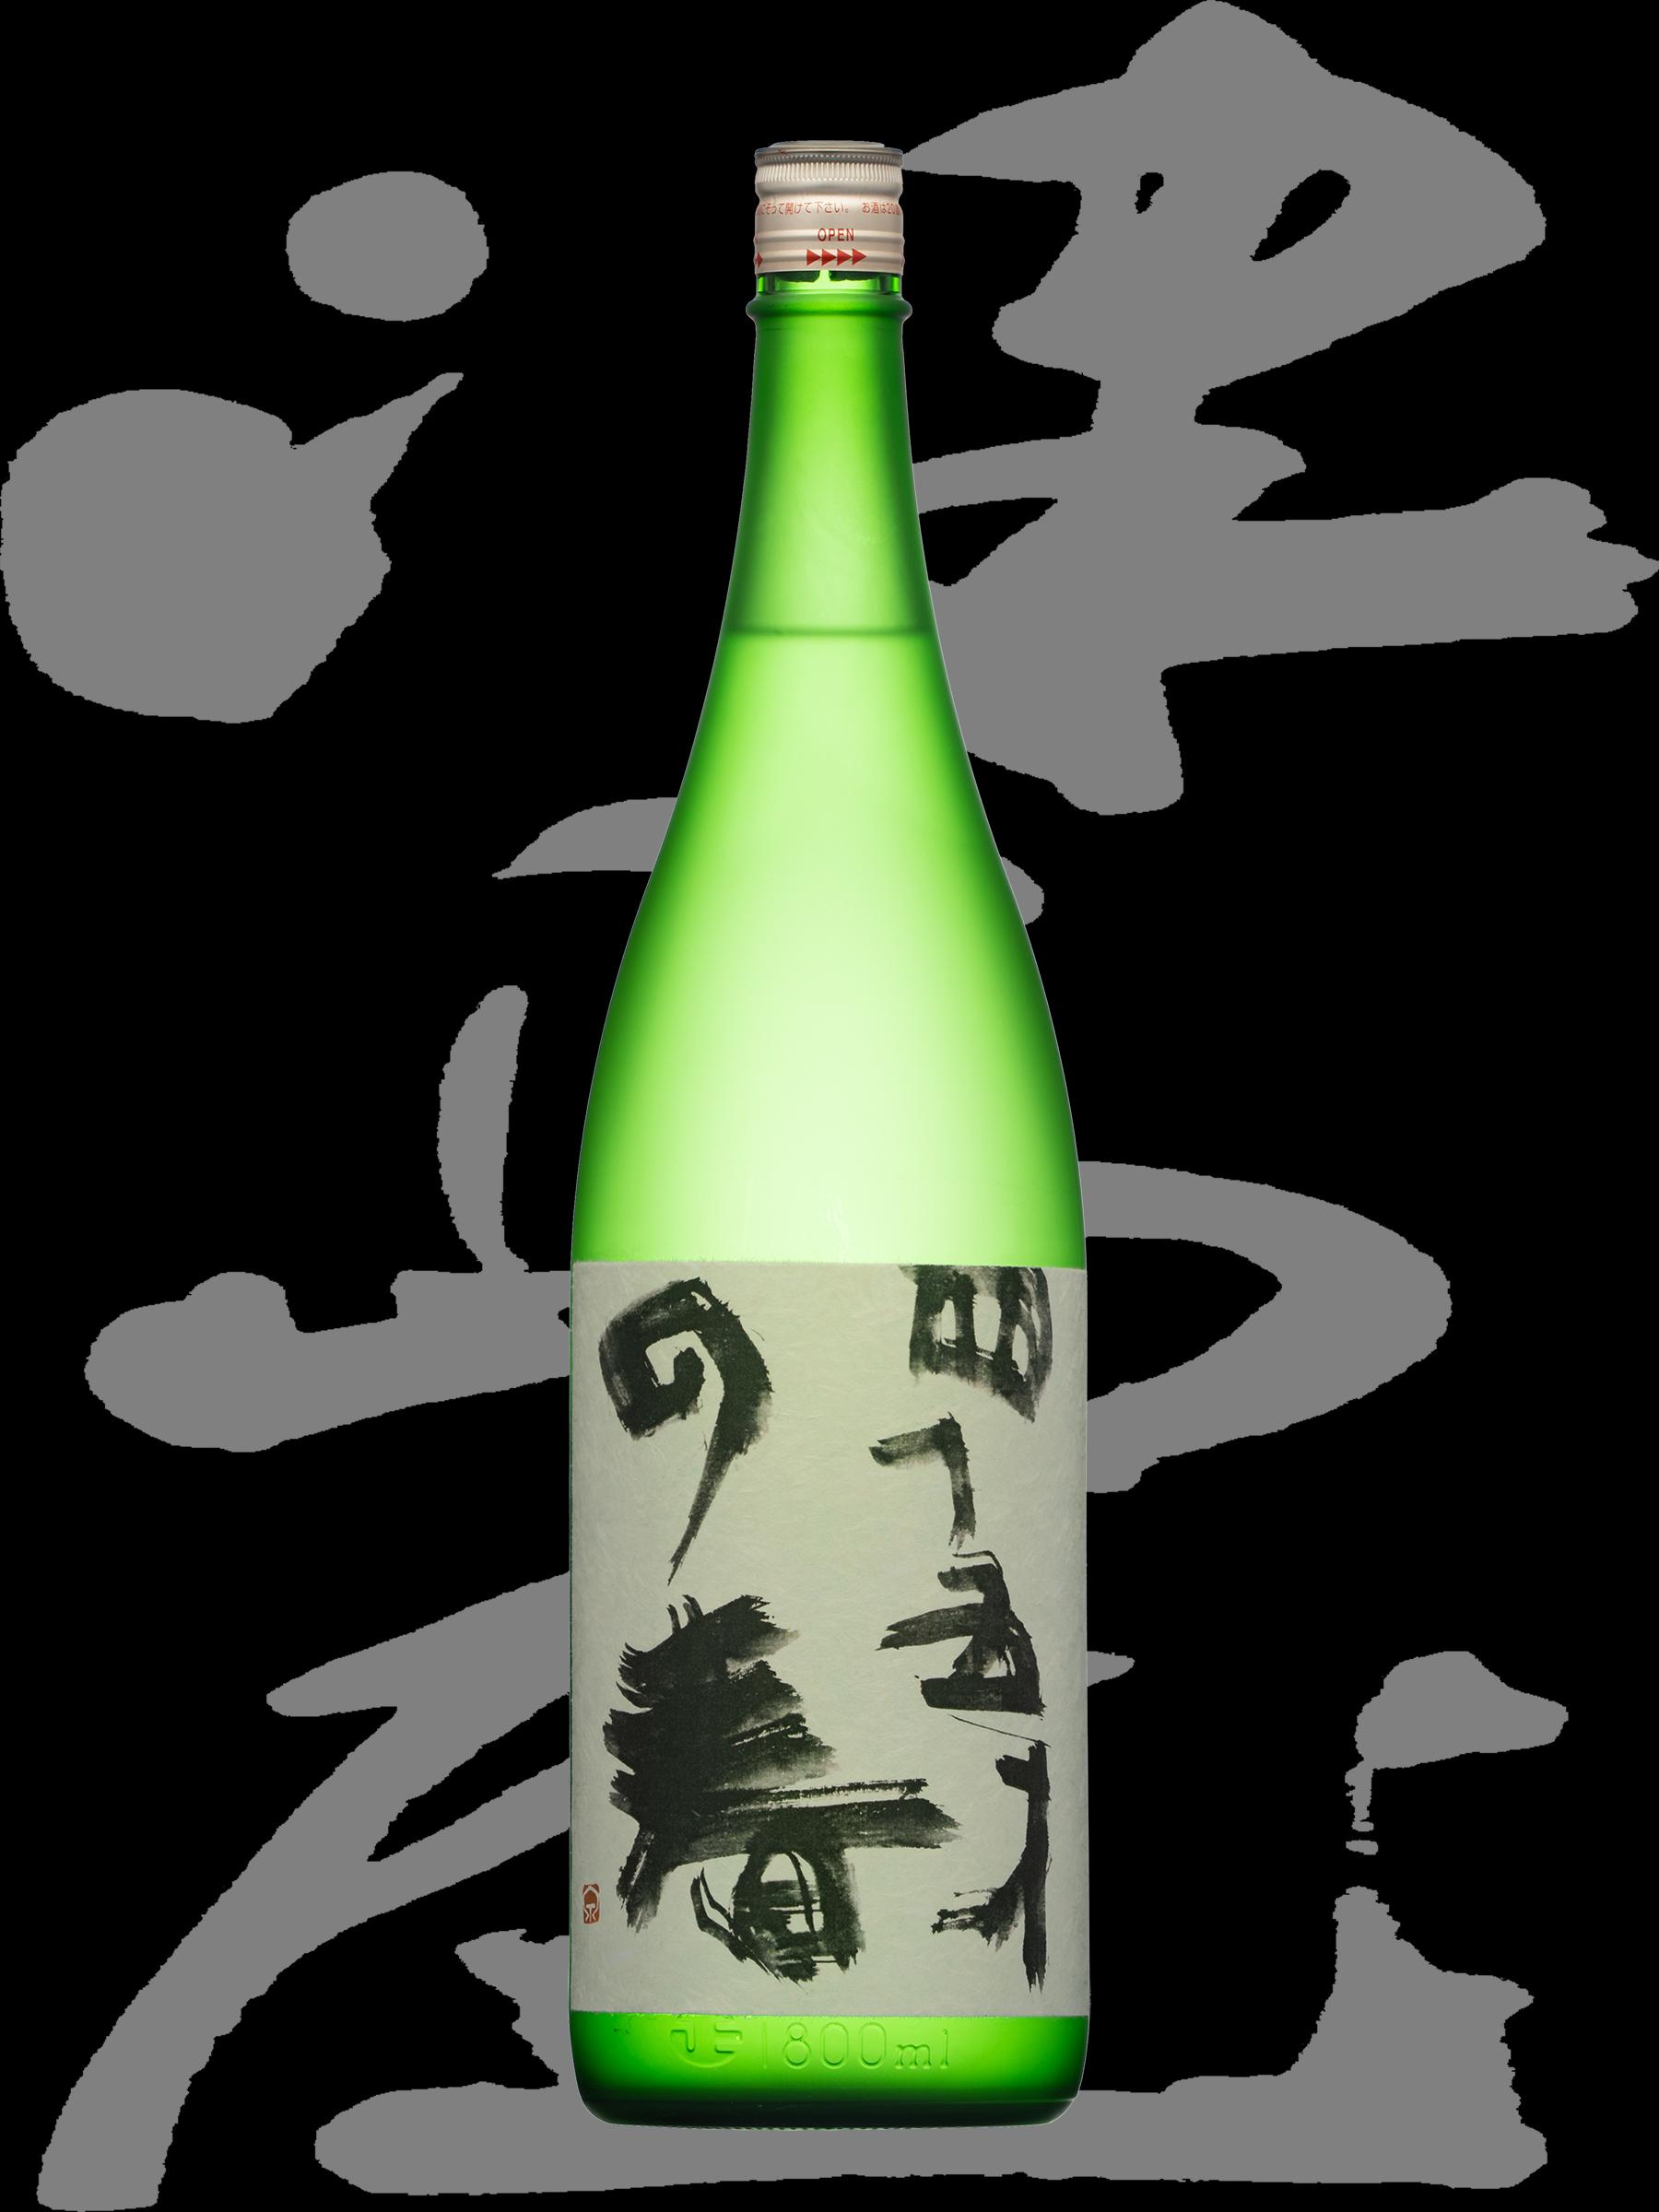 津島屋(つしまや)外伝「純米大吟醸」四十五才の春